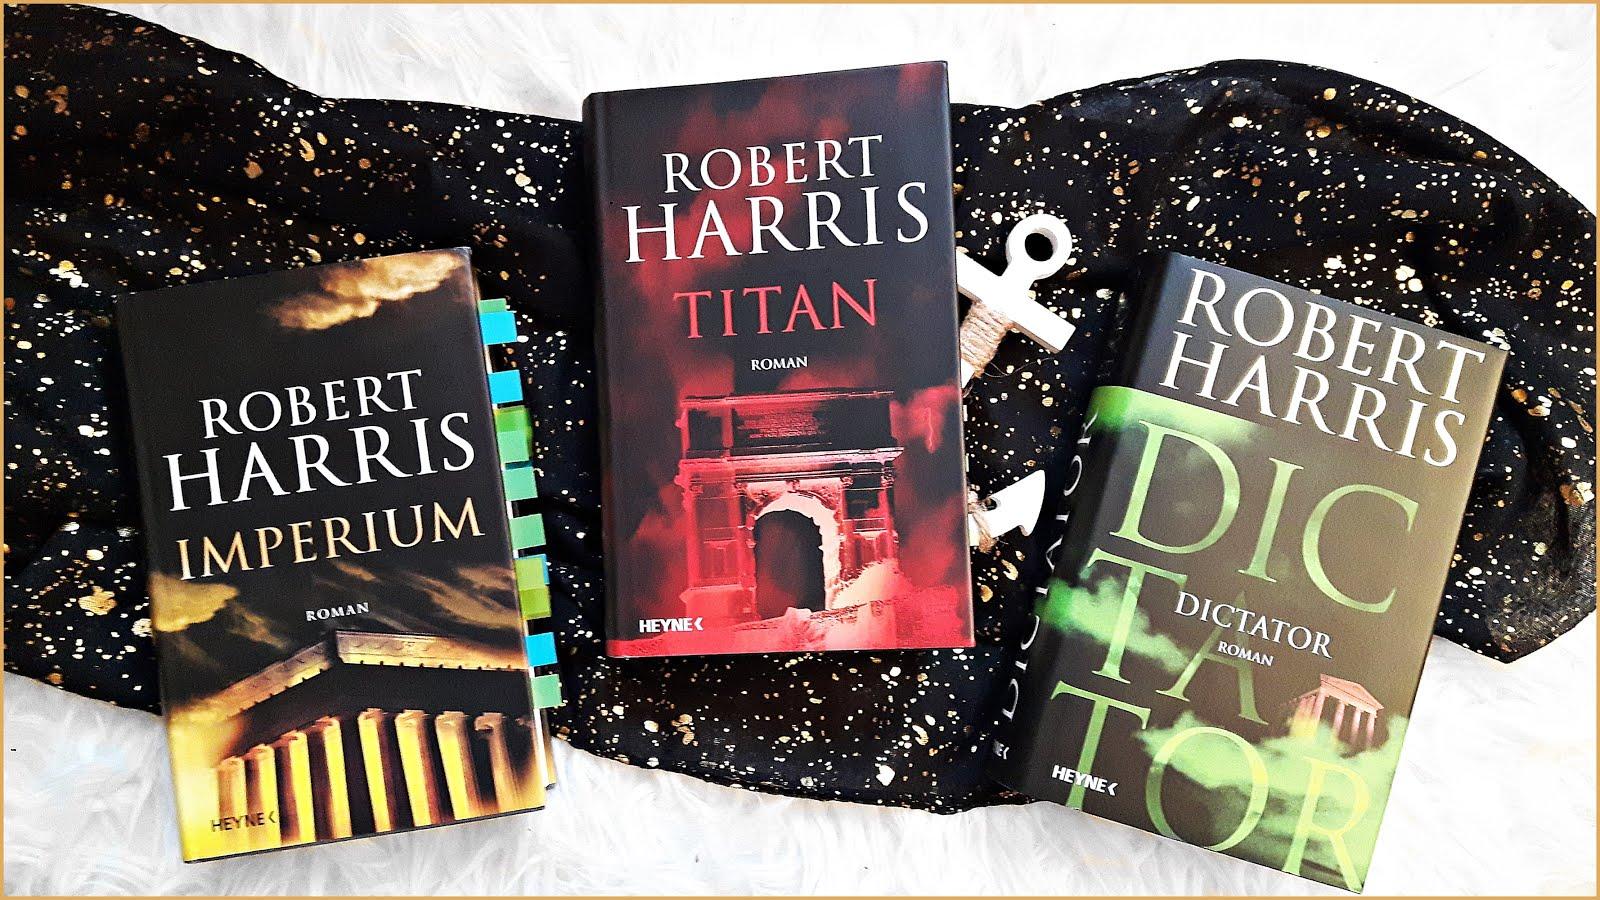 Cicero Trilogie Robert Harris Imperium Titan Dictator Heyne